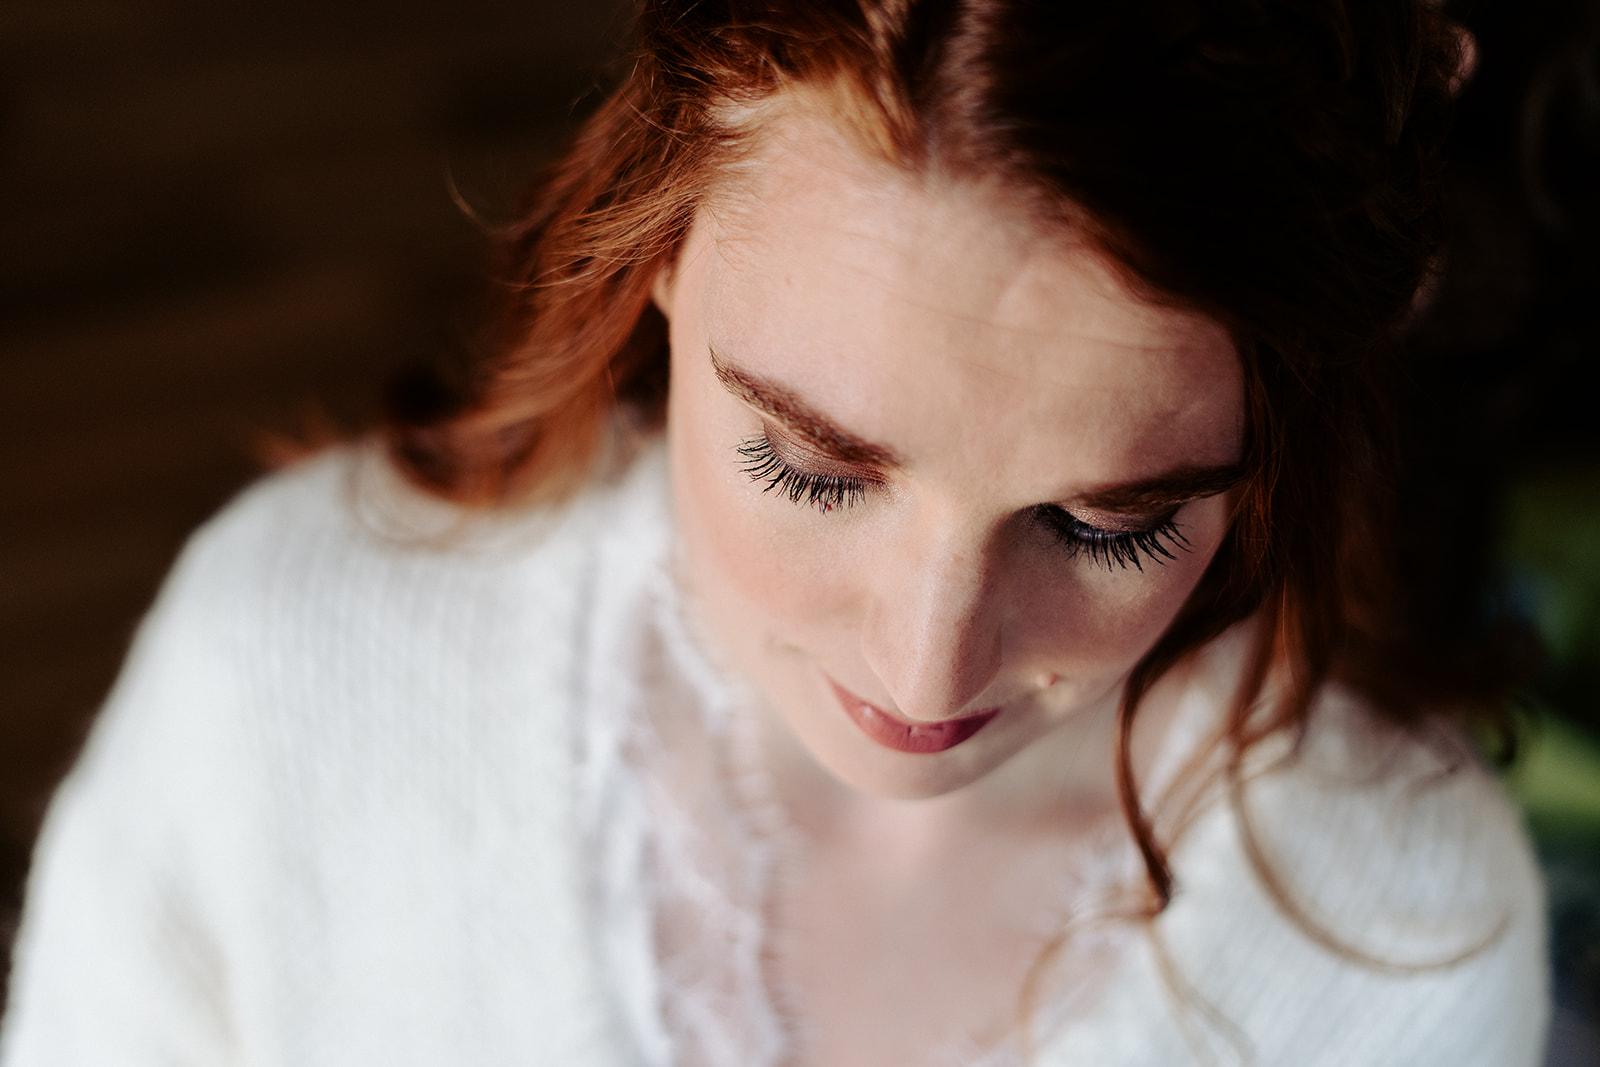 mariage mariee preparatifs armelle dupuis